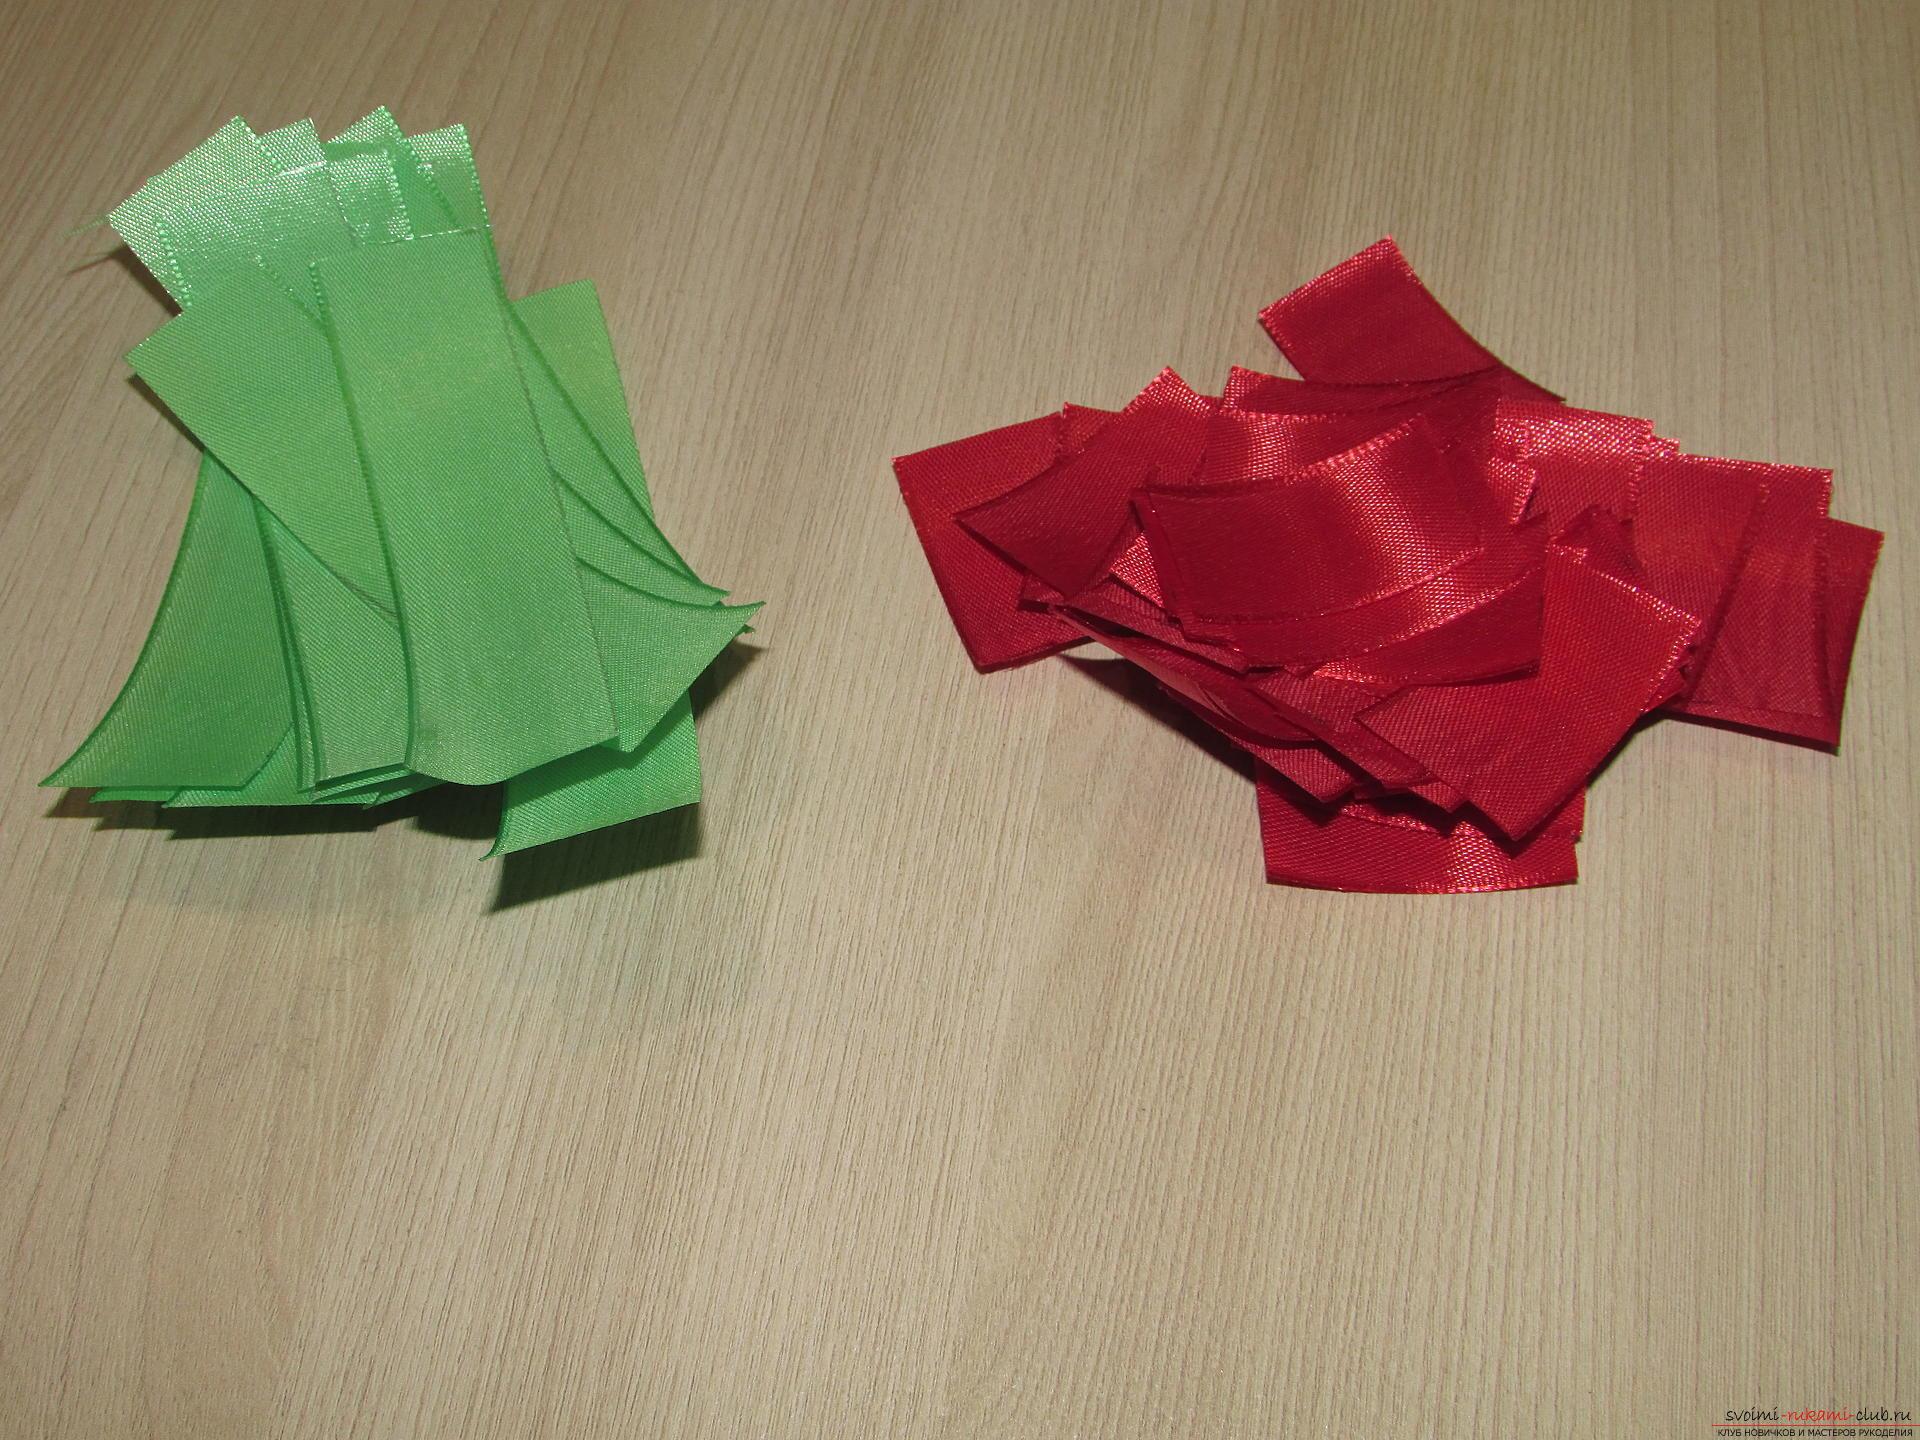 Этот мастер-класс научит как сделать тюльпаны из атласных лент своими руками.. Фото №2